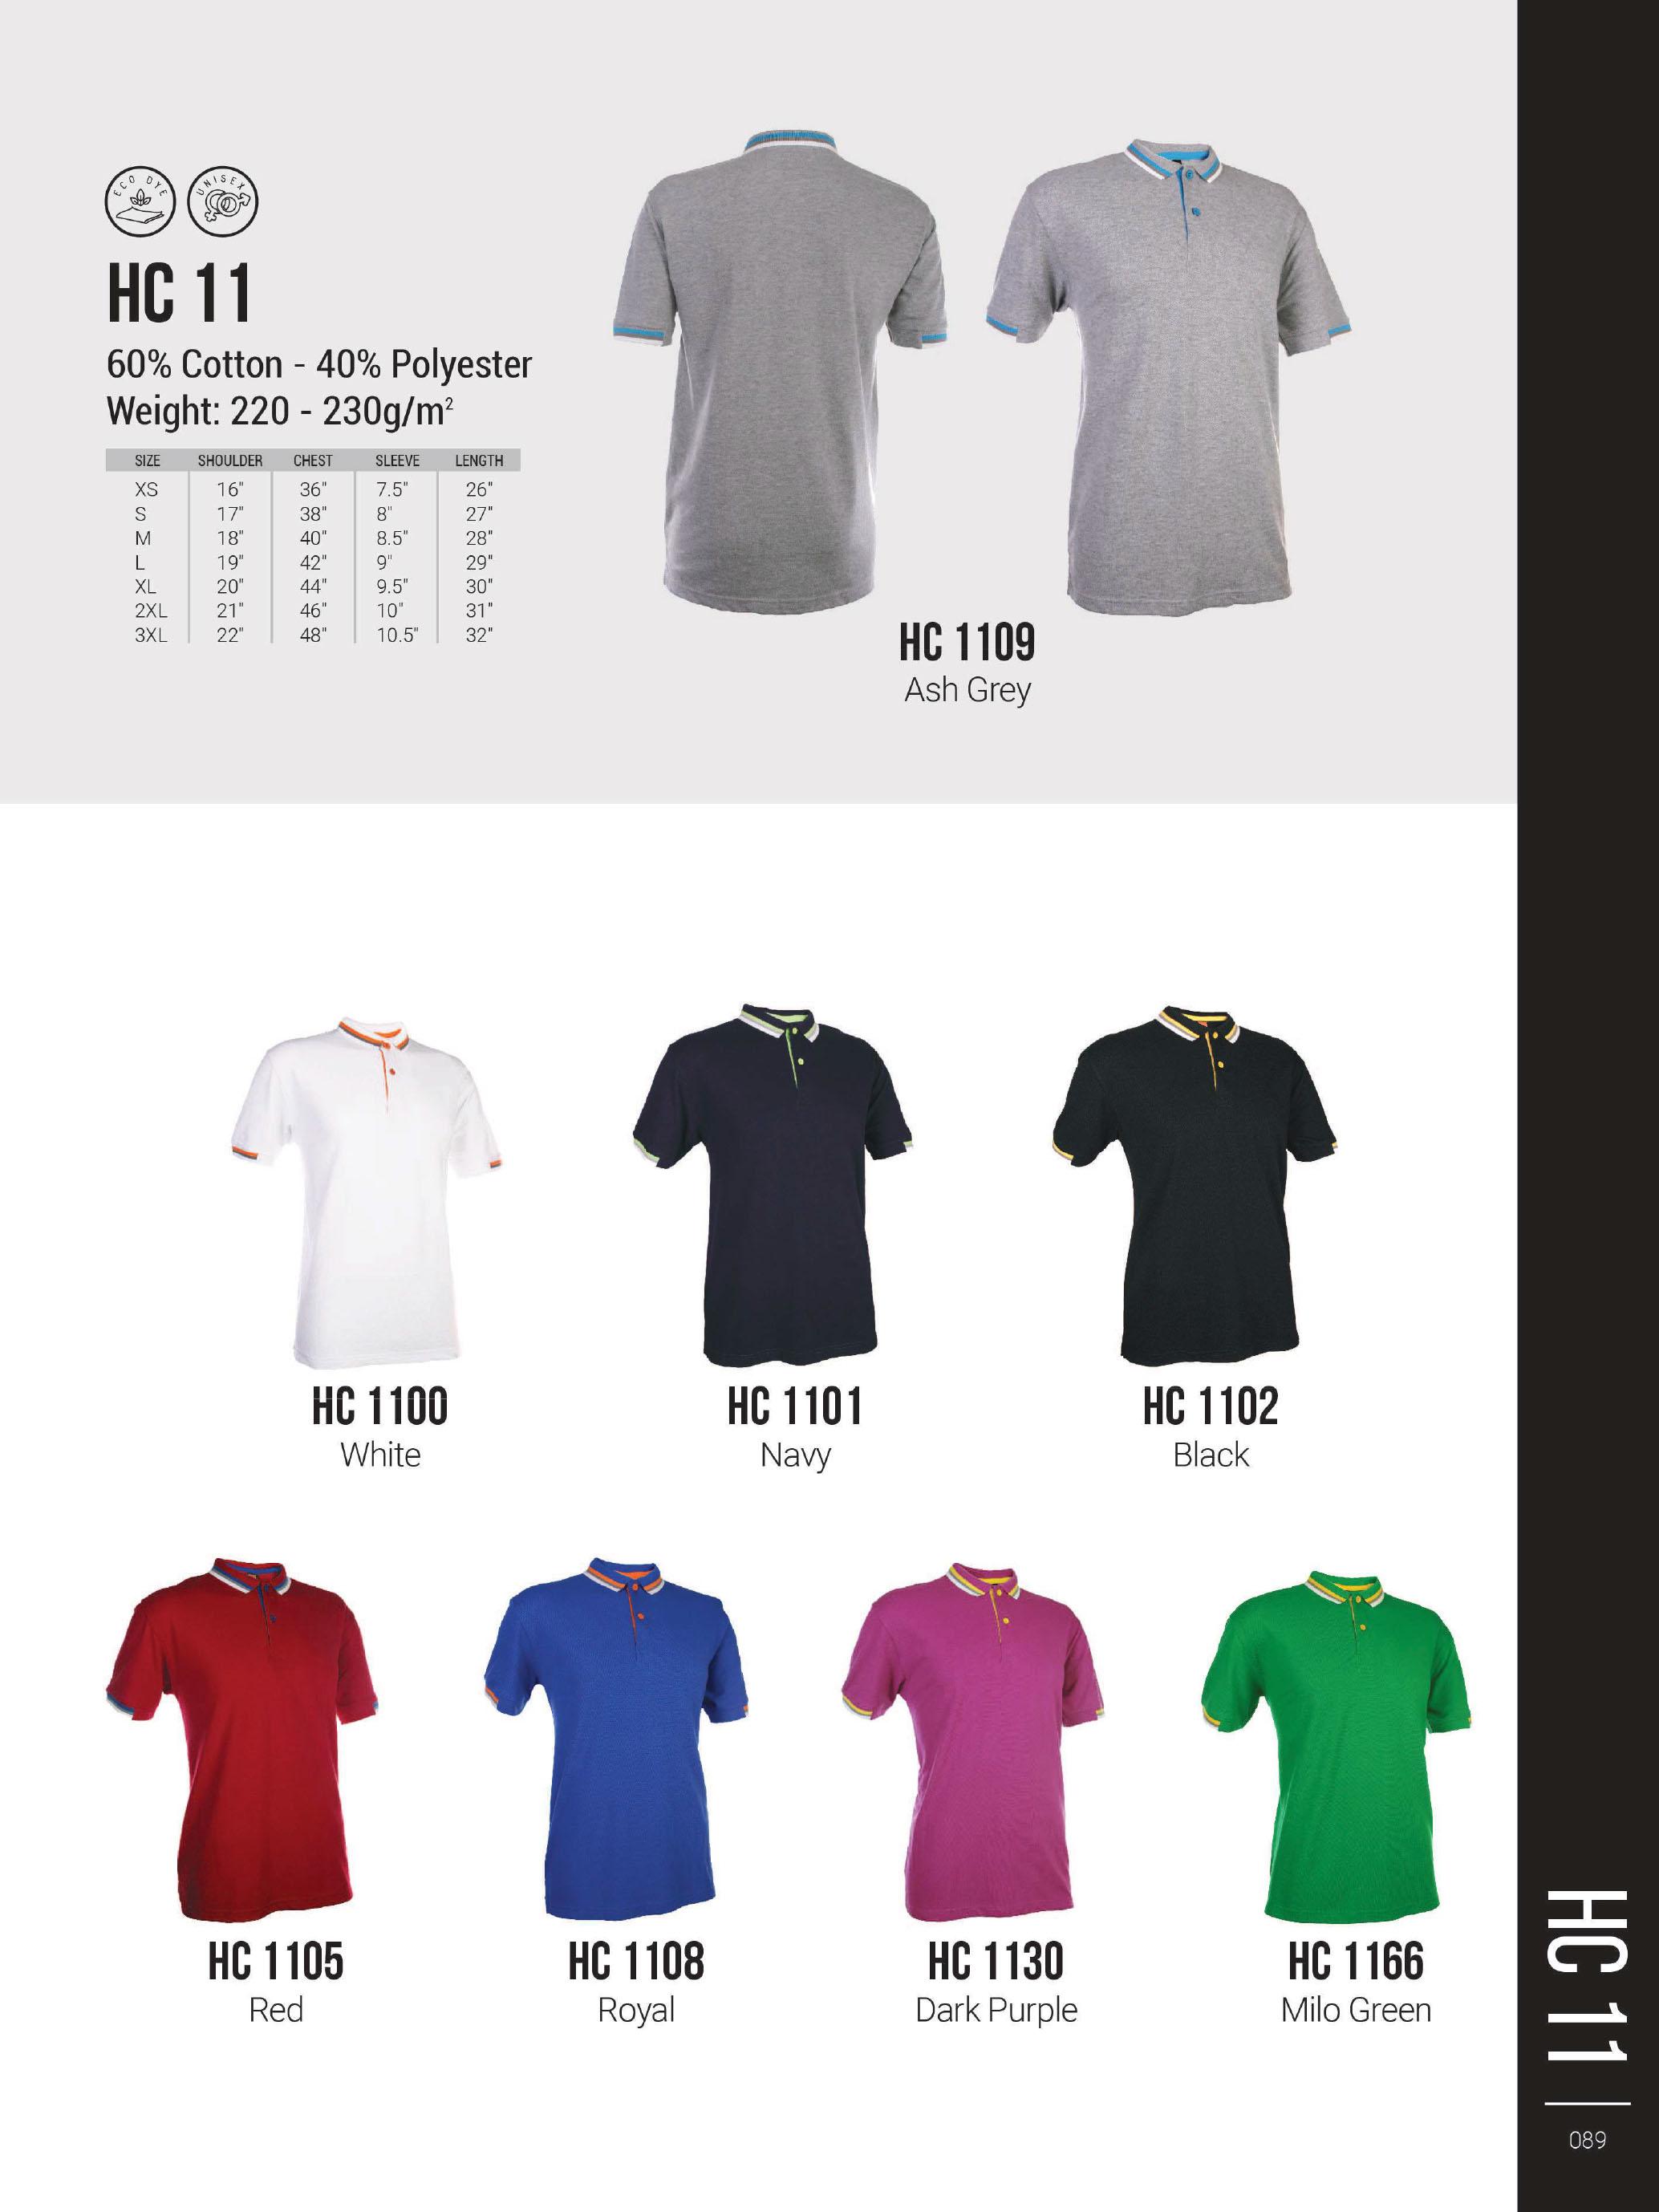 Oren Sport Catalogue 2021-91-HoneyComb